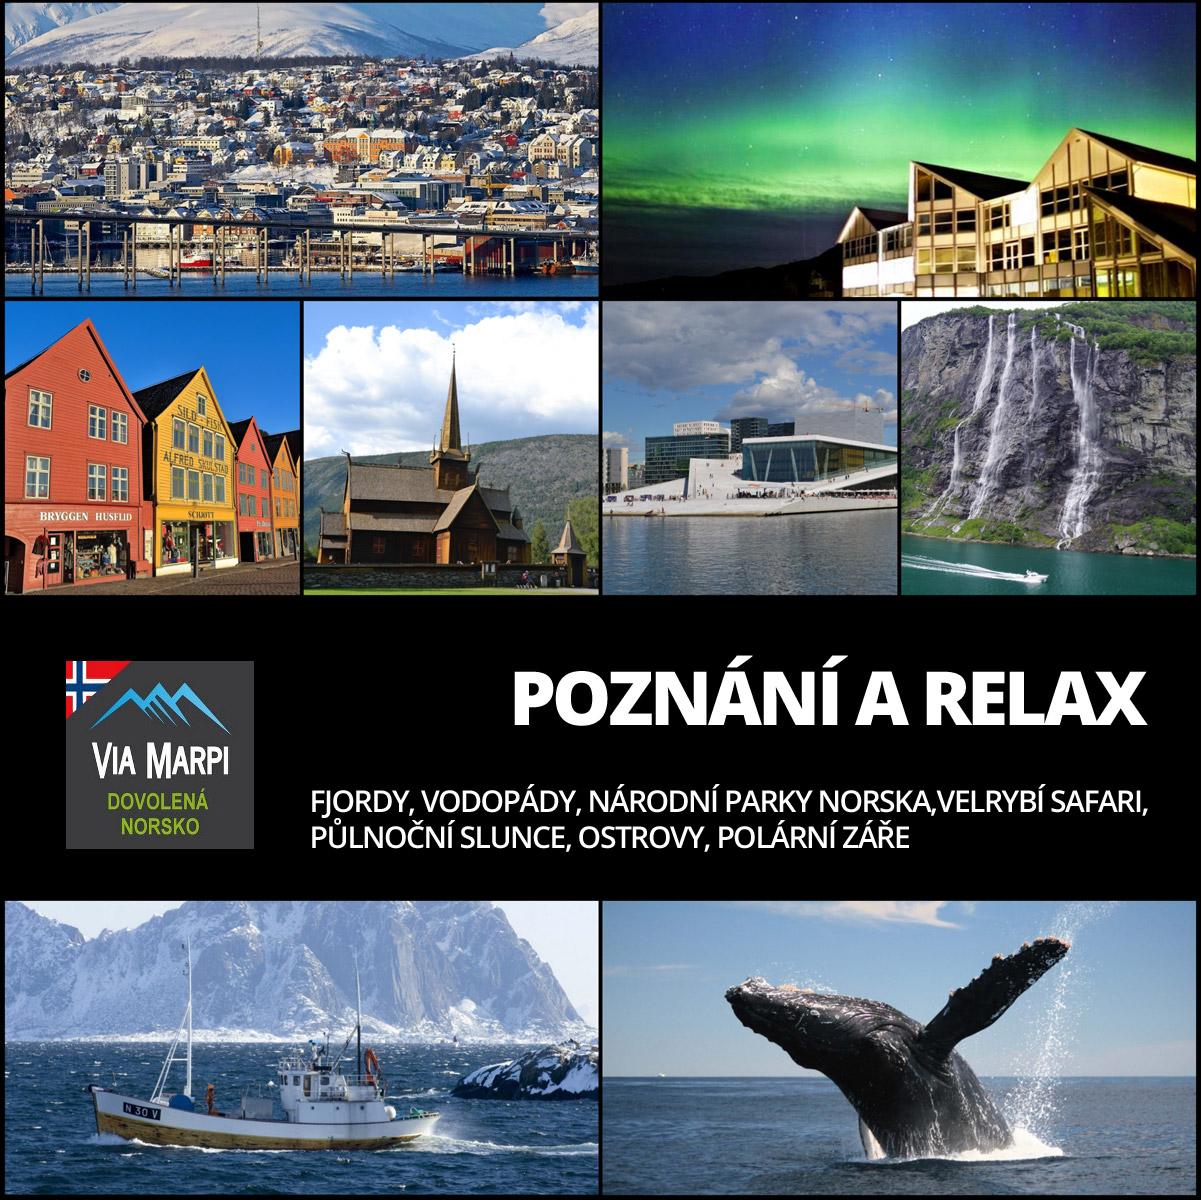 Dovolená Norsko s ViaMarpi – to je zážitek z polární záře, velrybí safari i jízda na psích spřeženích.